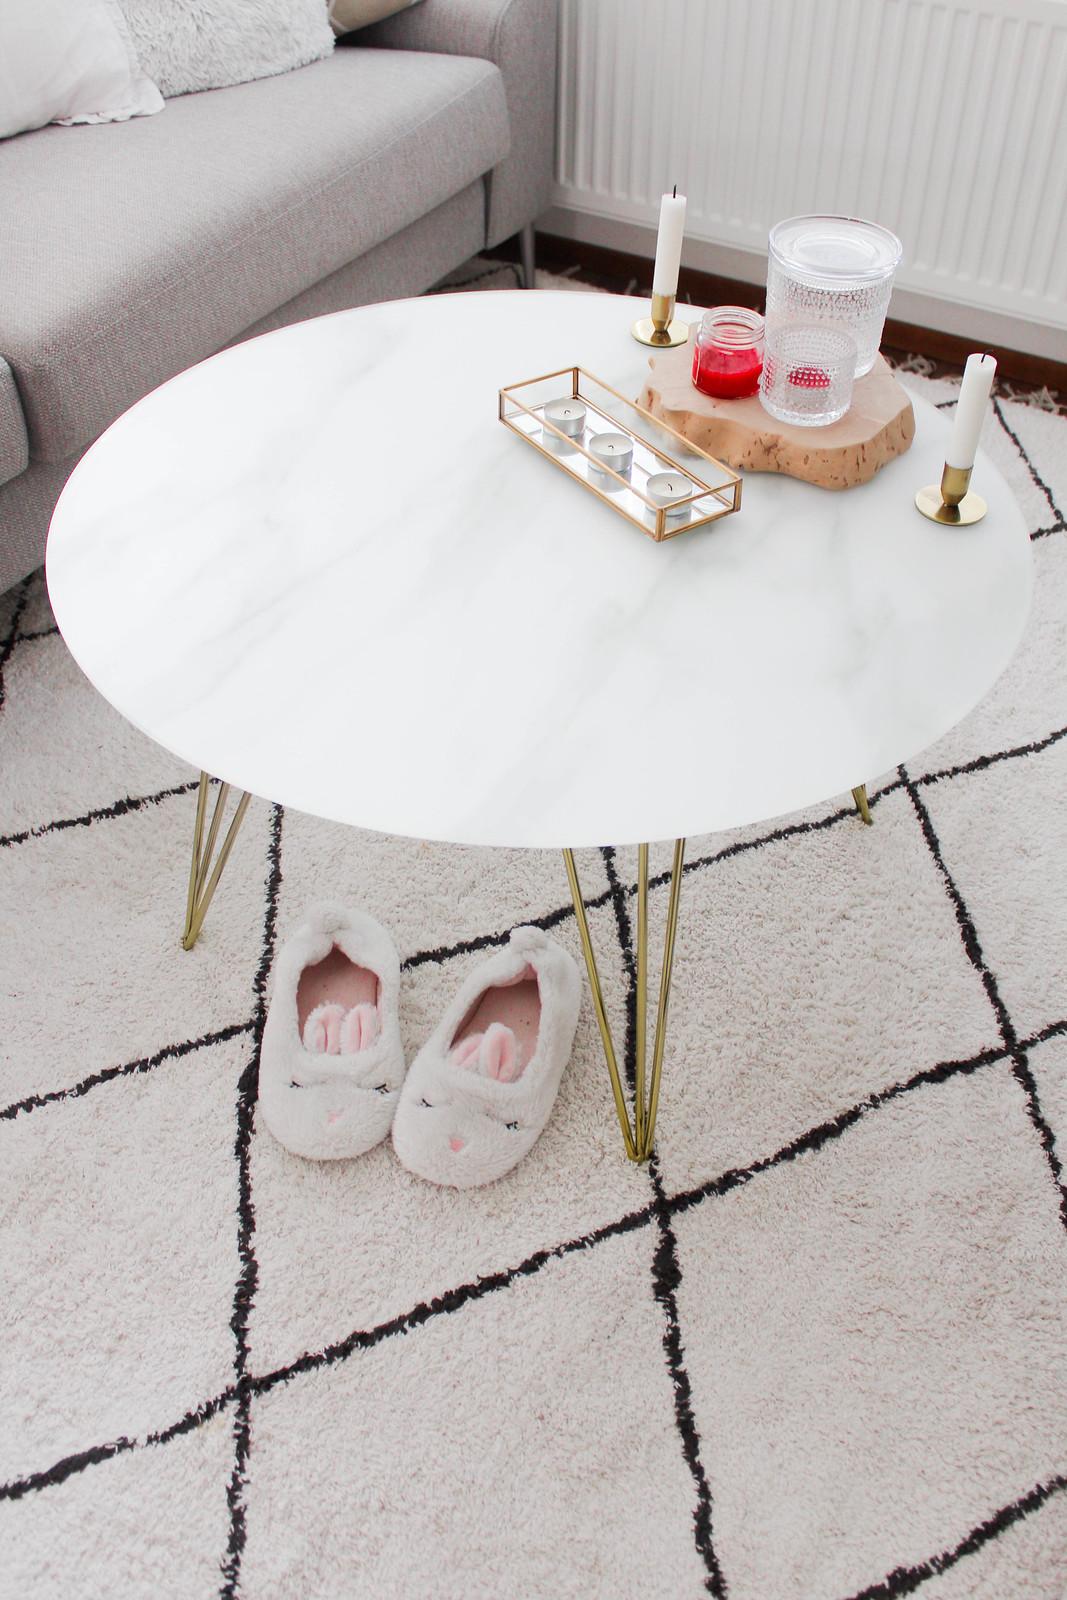 marmorikantinen sohvapöytä sevilla blogi